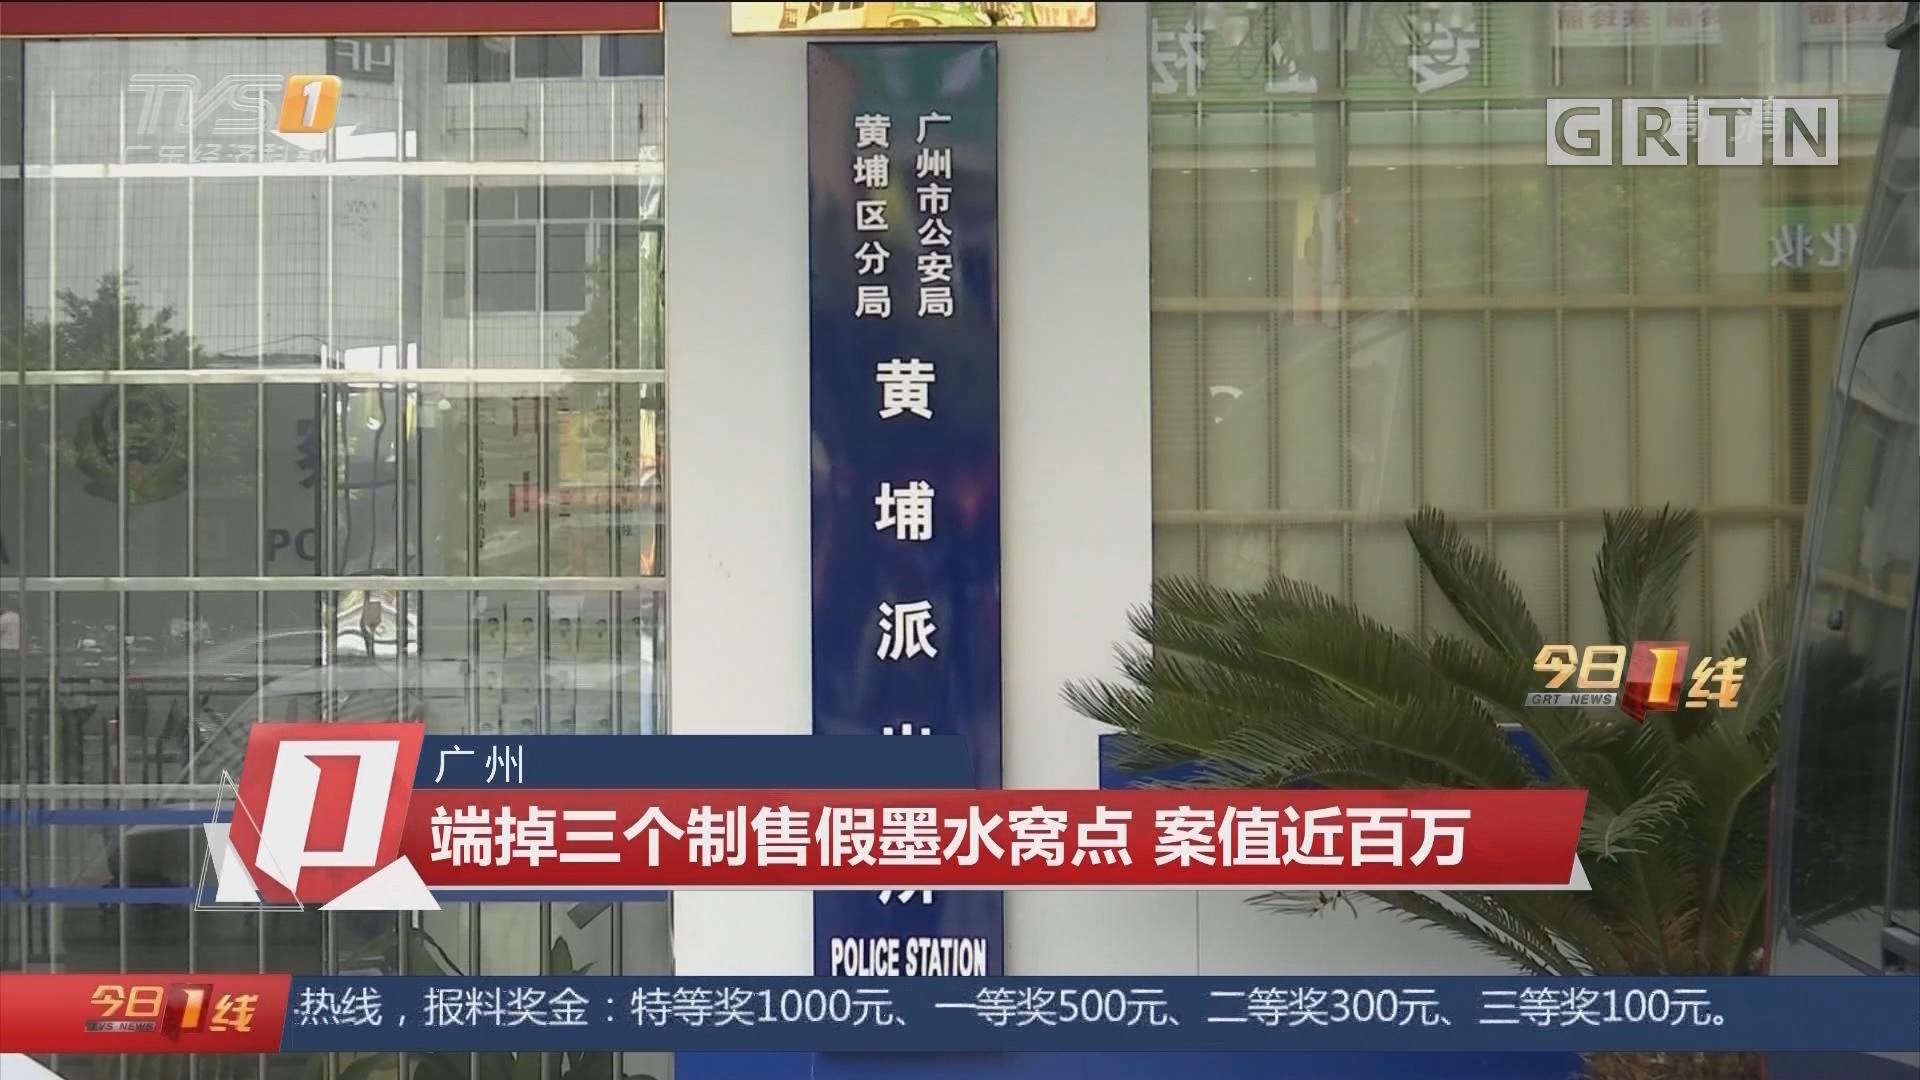 广州 端掉三个制售假墨水窝点 案值近百万